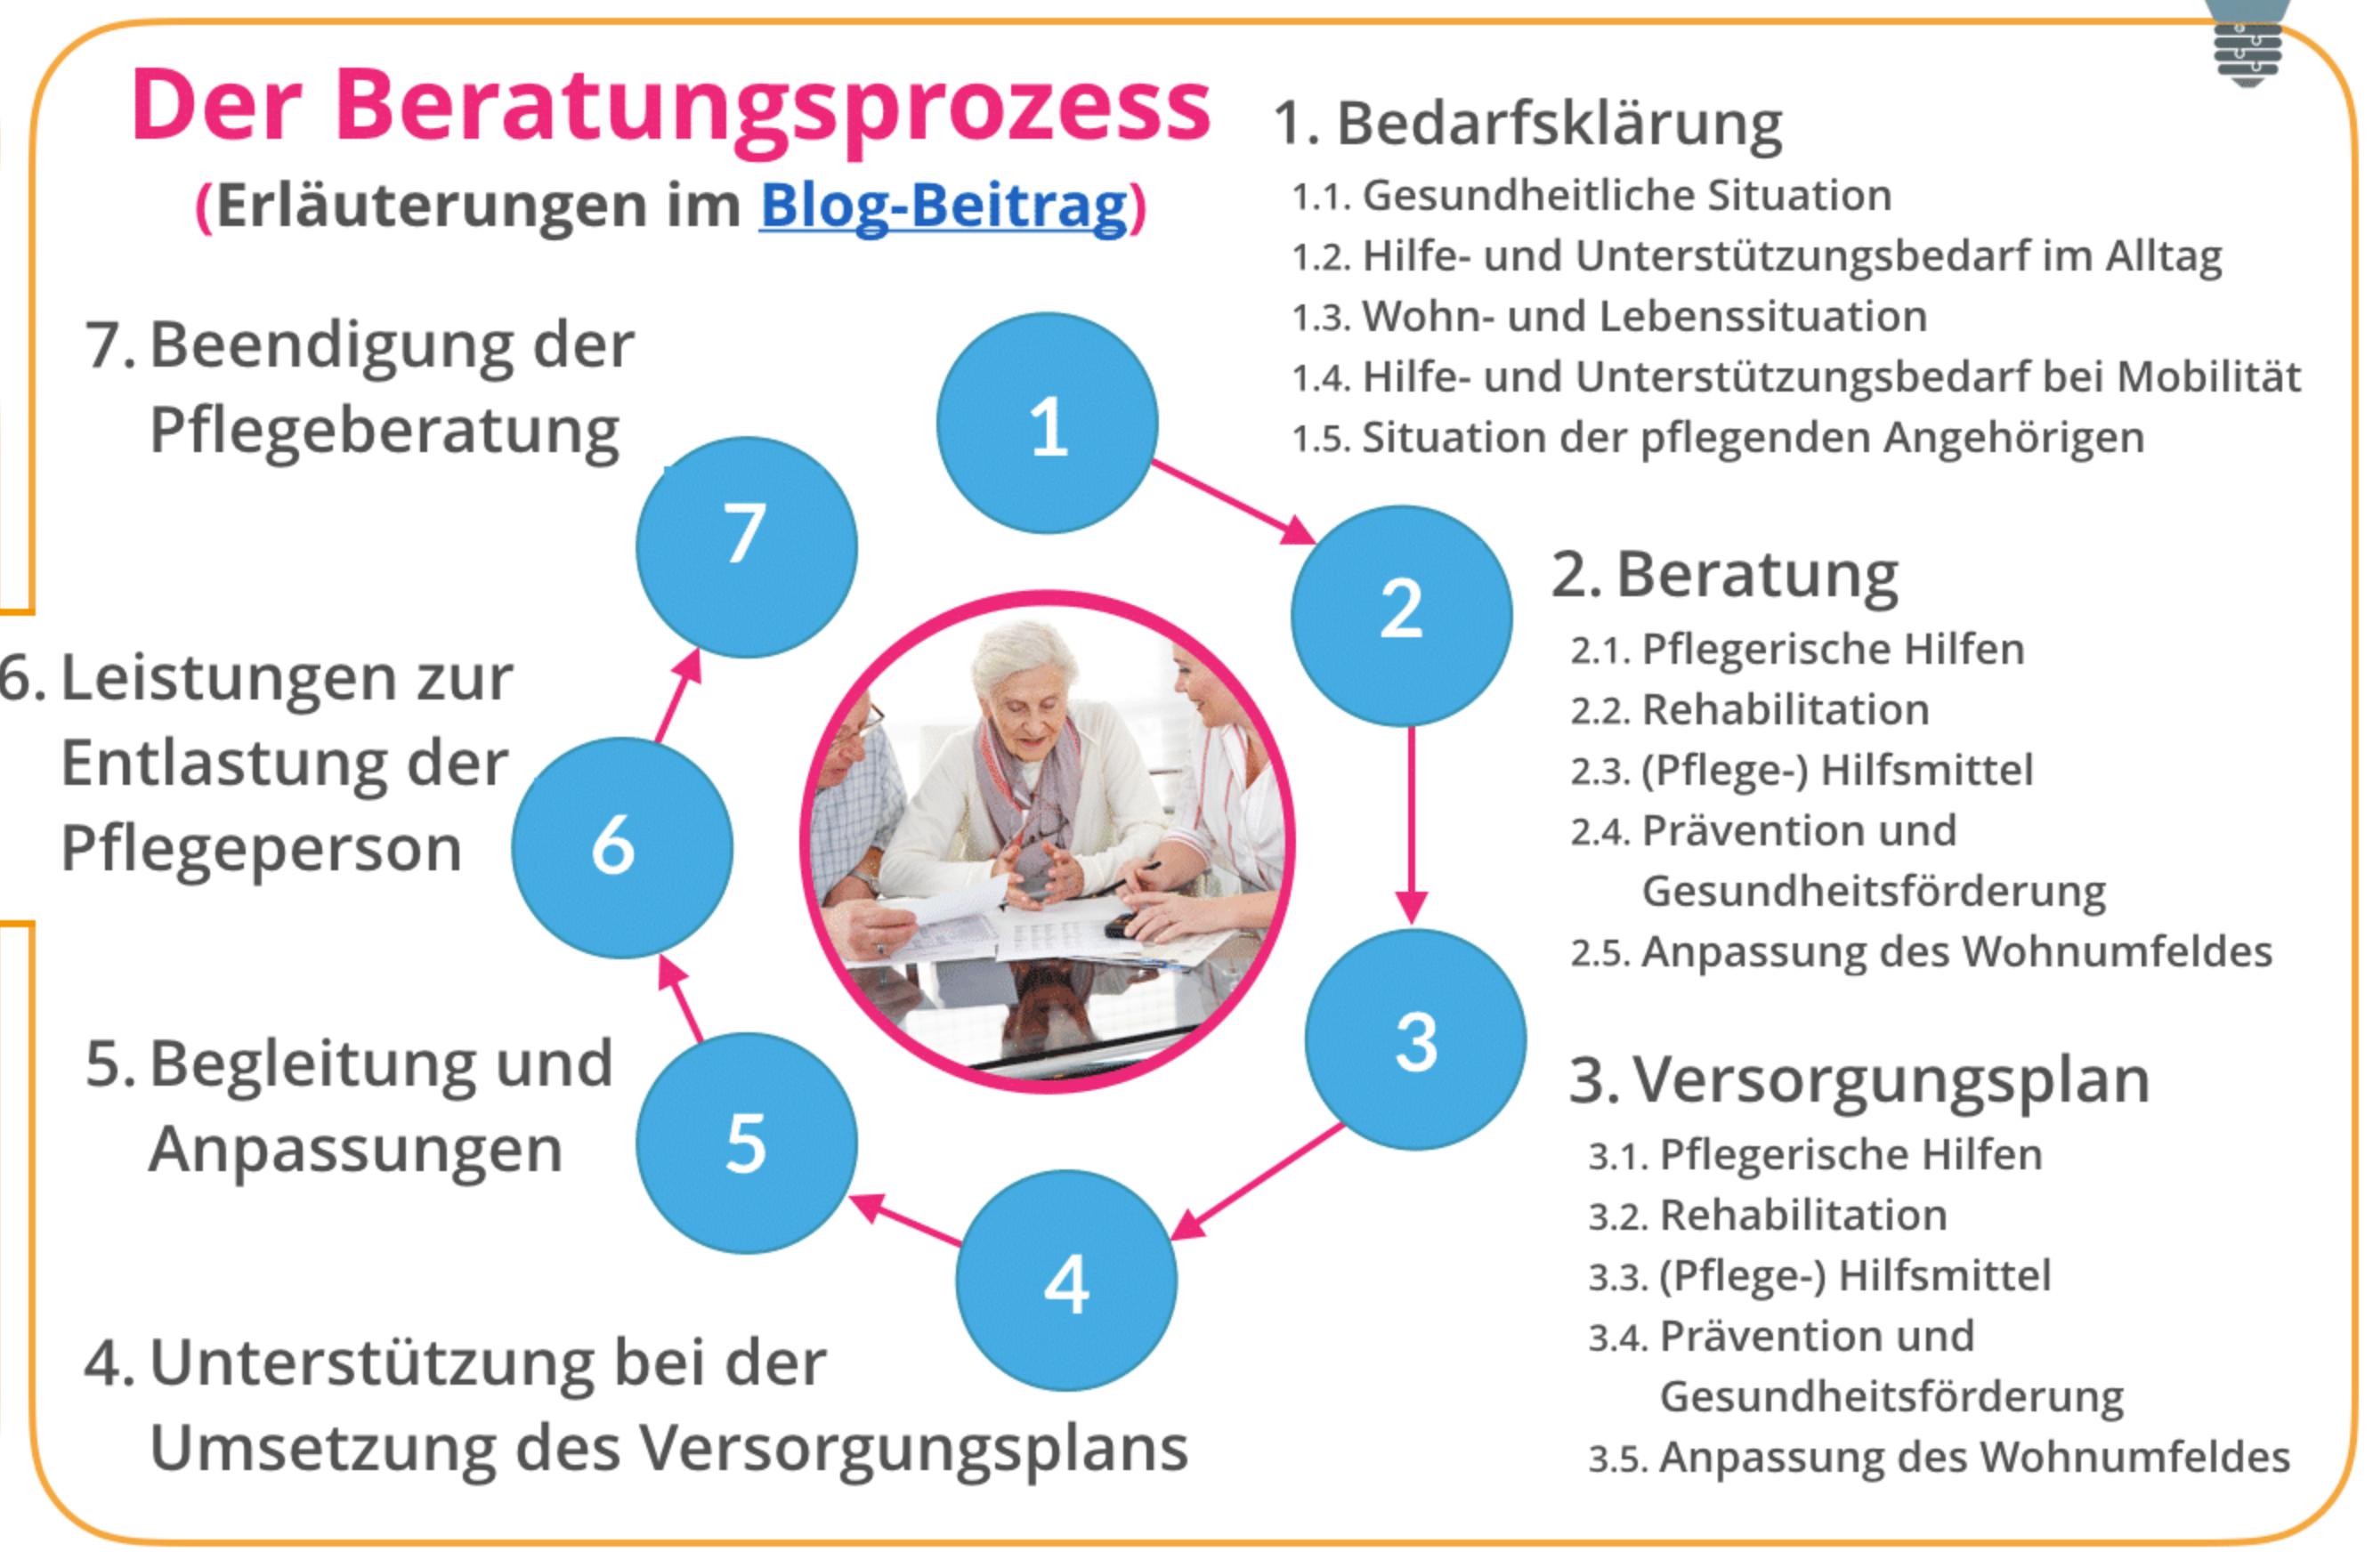 Überwachung der Durchführung/Anpassung des Versorgungsplans der Pflegeberatung